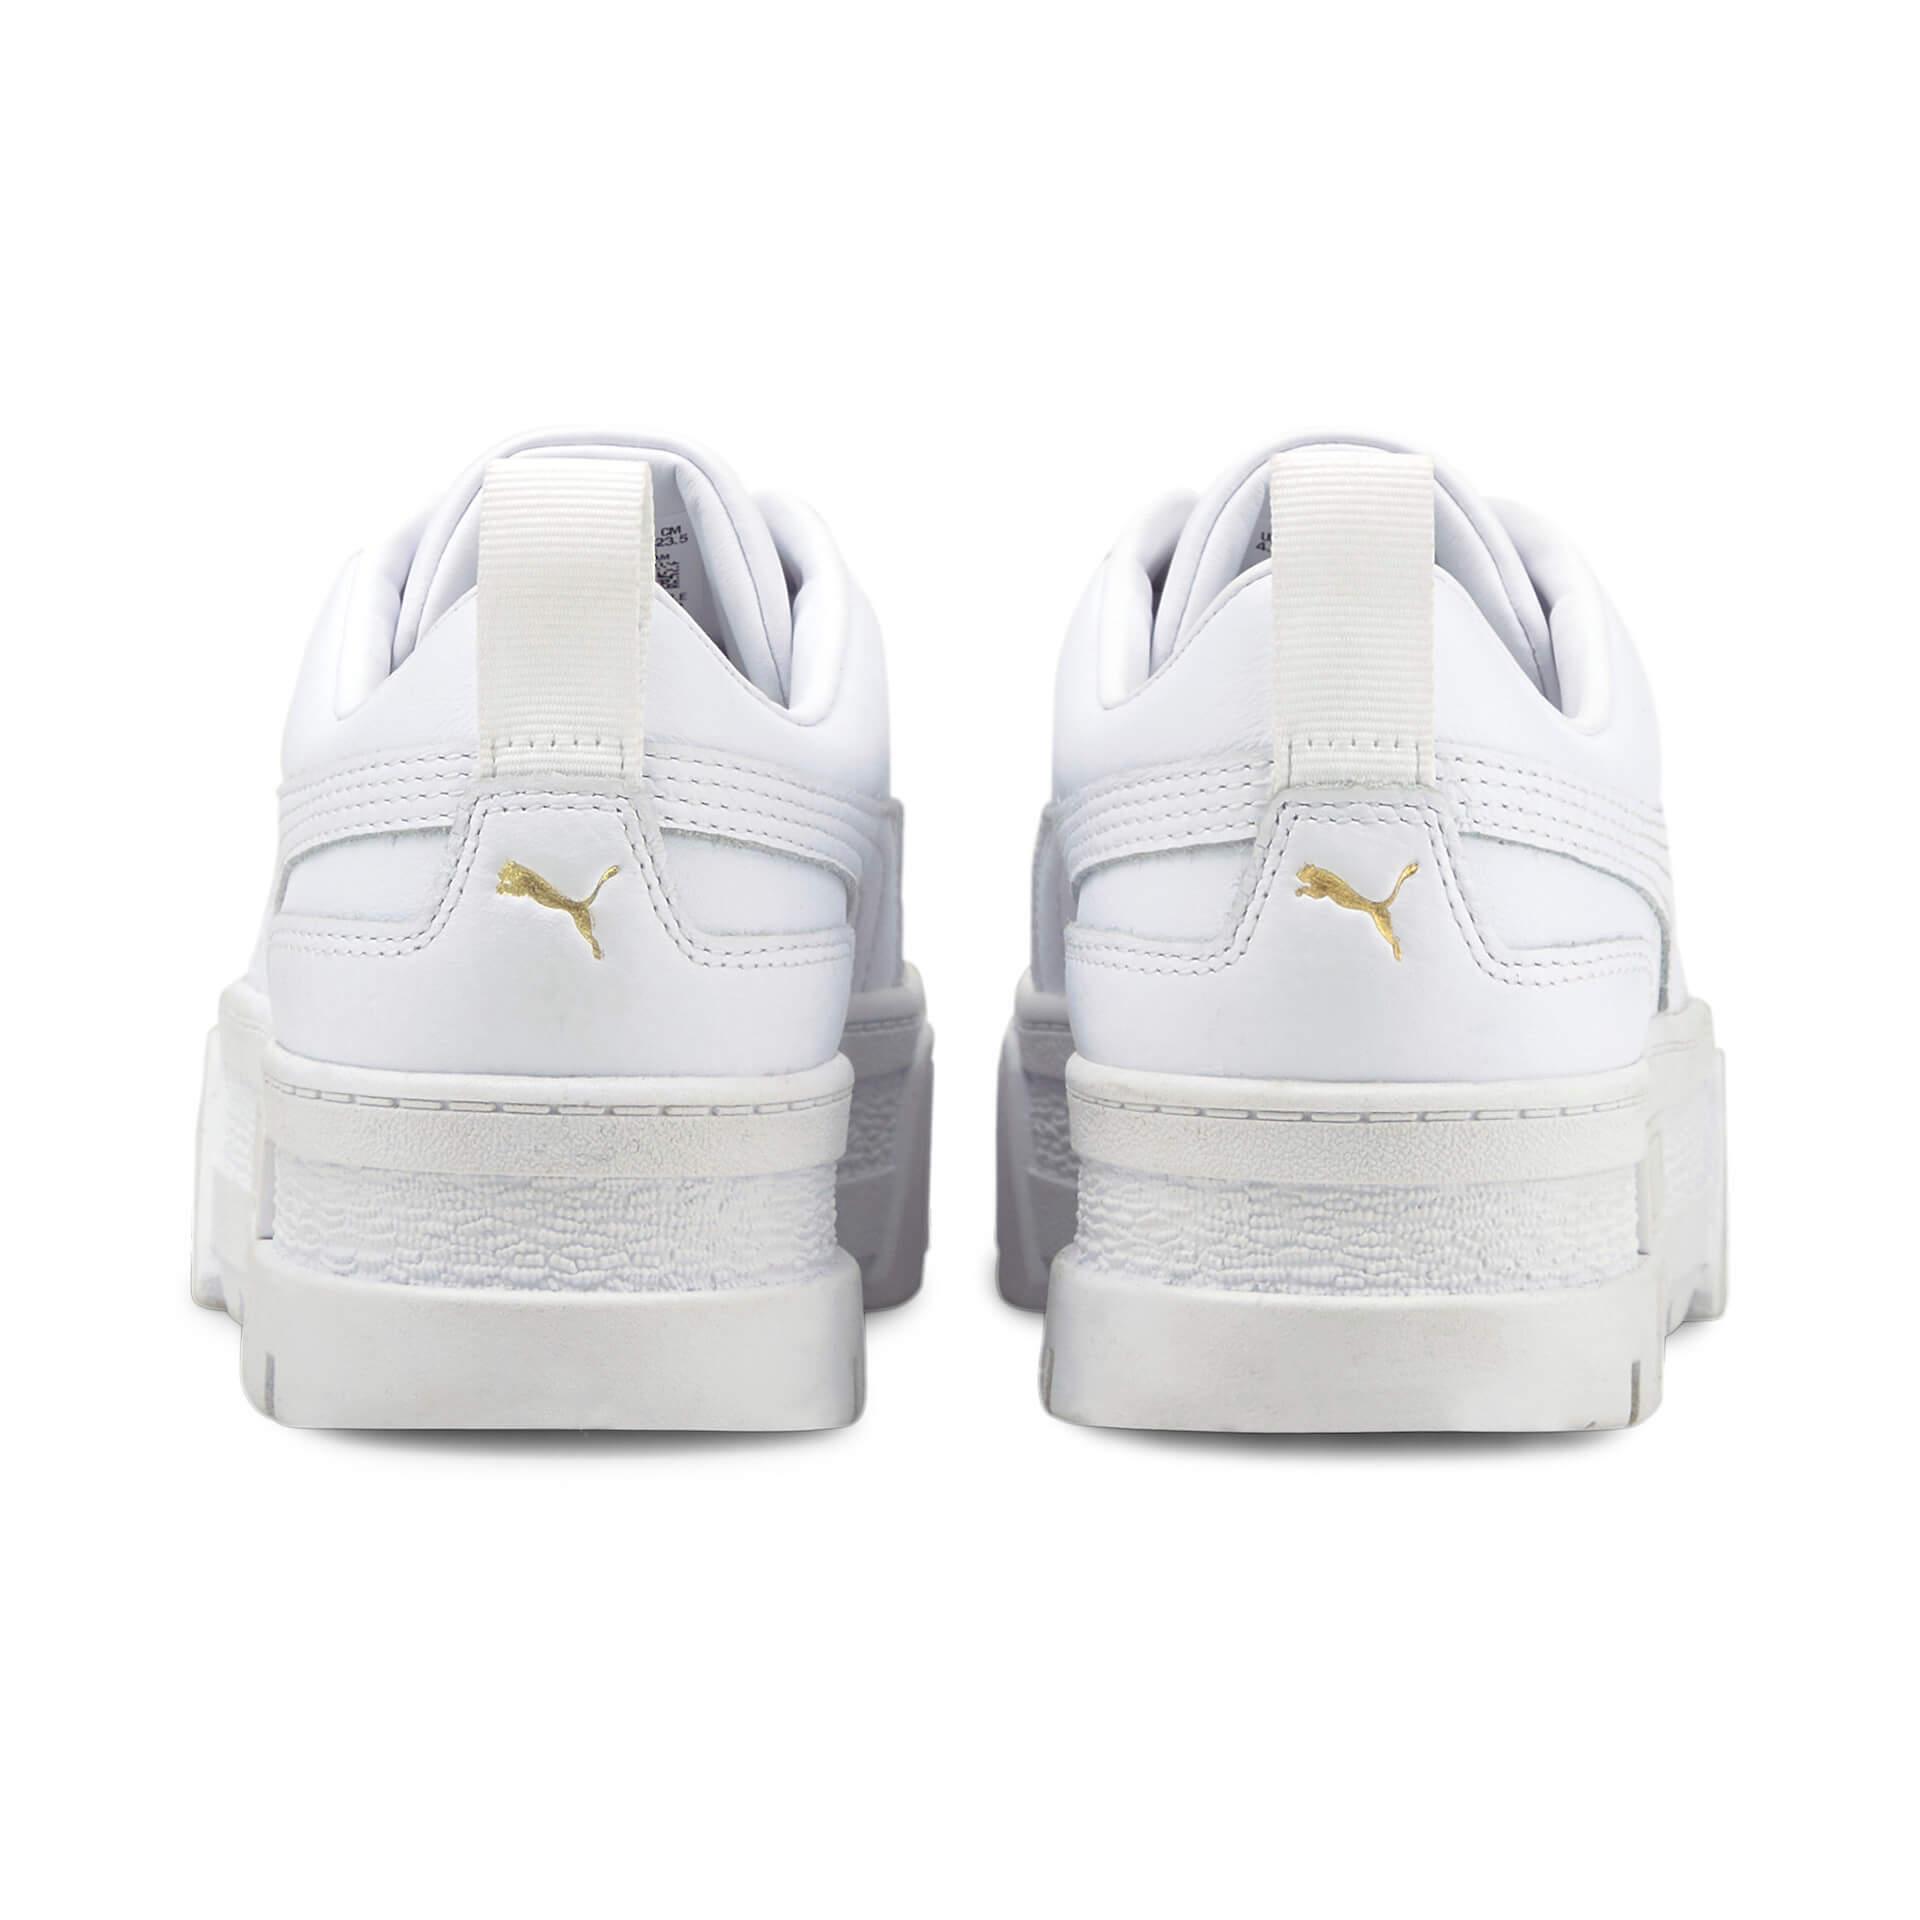 プーマの厚底モデル「メイズ」の新色2色が発売決定!オールホワイト、オールブラックの2モデル life210730_puma_mayze_6